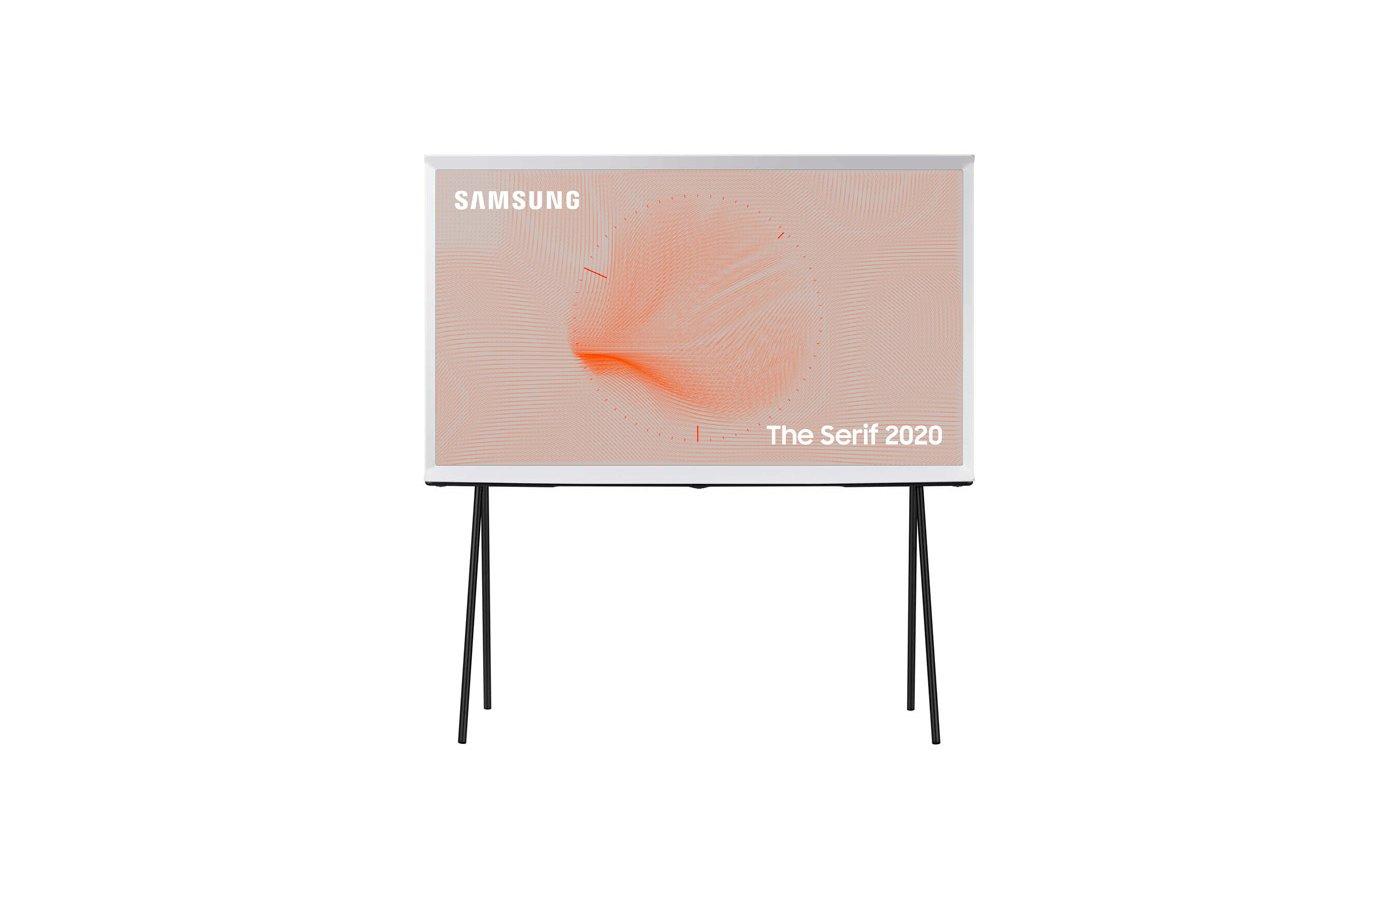 Телевизор QLED Samsung The Serif QE43LS01TAU 43″ (2020), облачный